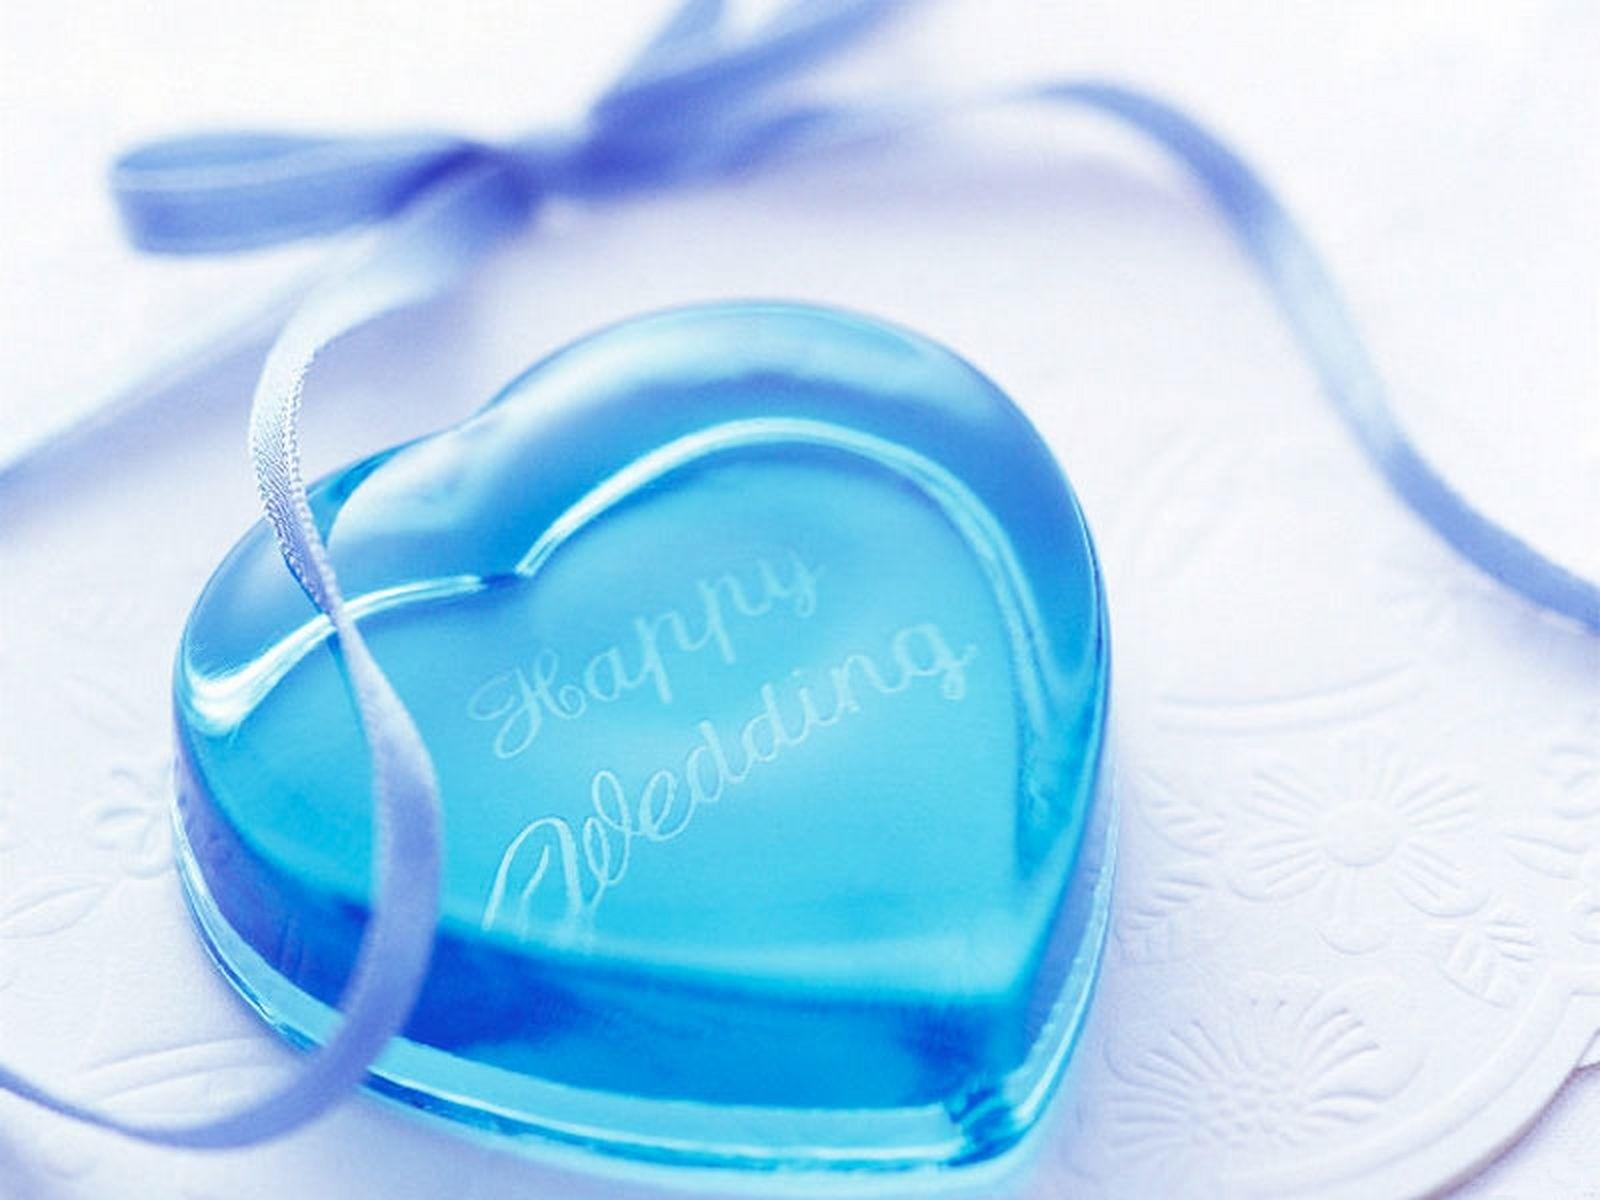 поздравления для любимого с топазовой свадьбой случаи